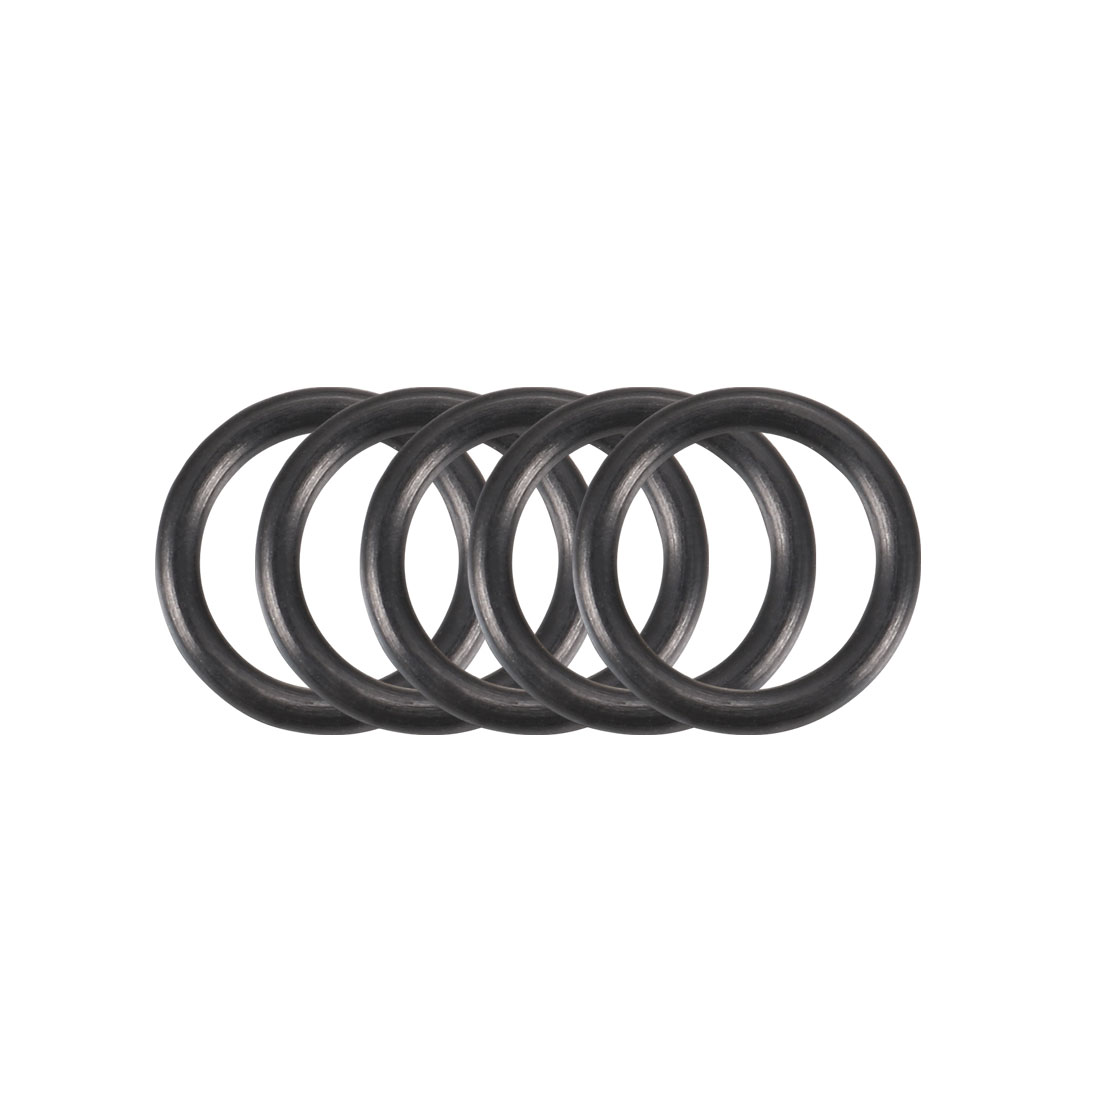 50pcs Black Nitrile Butadiene Rubber NBR O-Ring 6.8mm Inner Dia 1.3mm Width